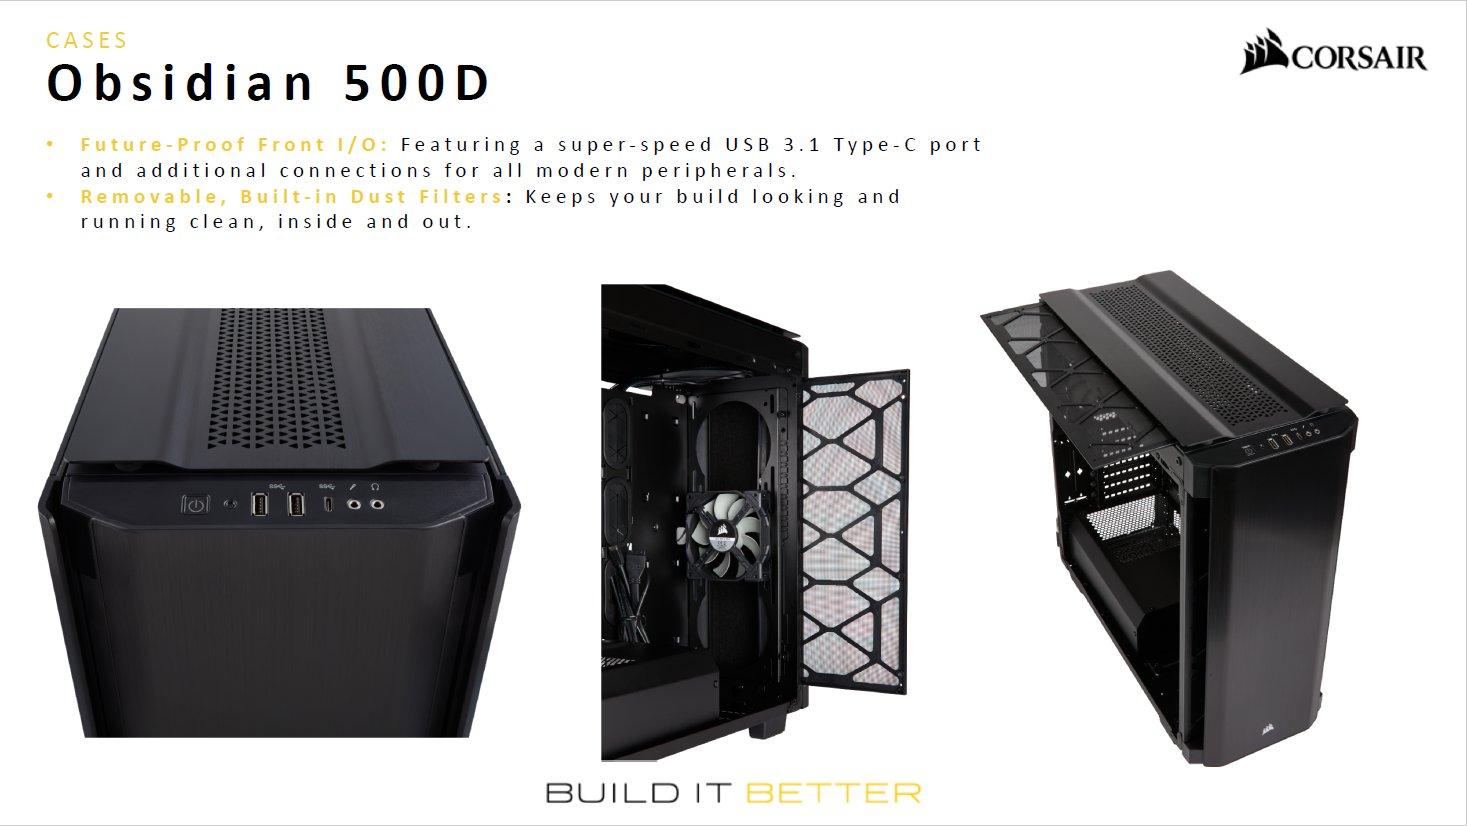 PCケース「Obsidian 500D」。日本では3月に発売され、価格は25,920円(税込)。